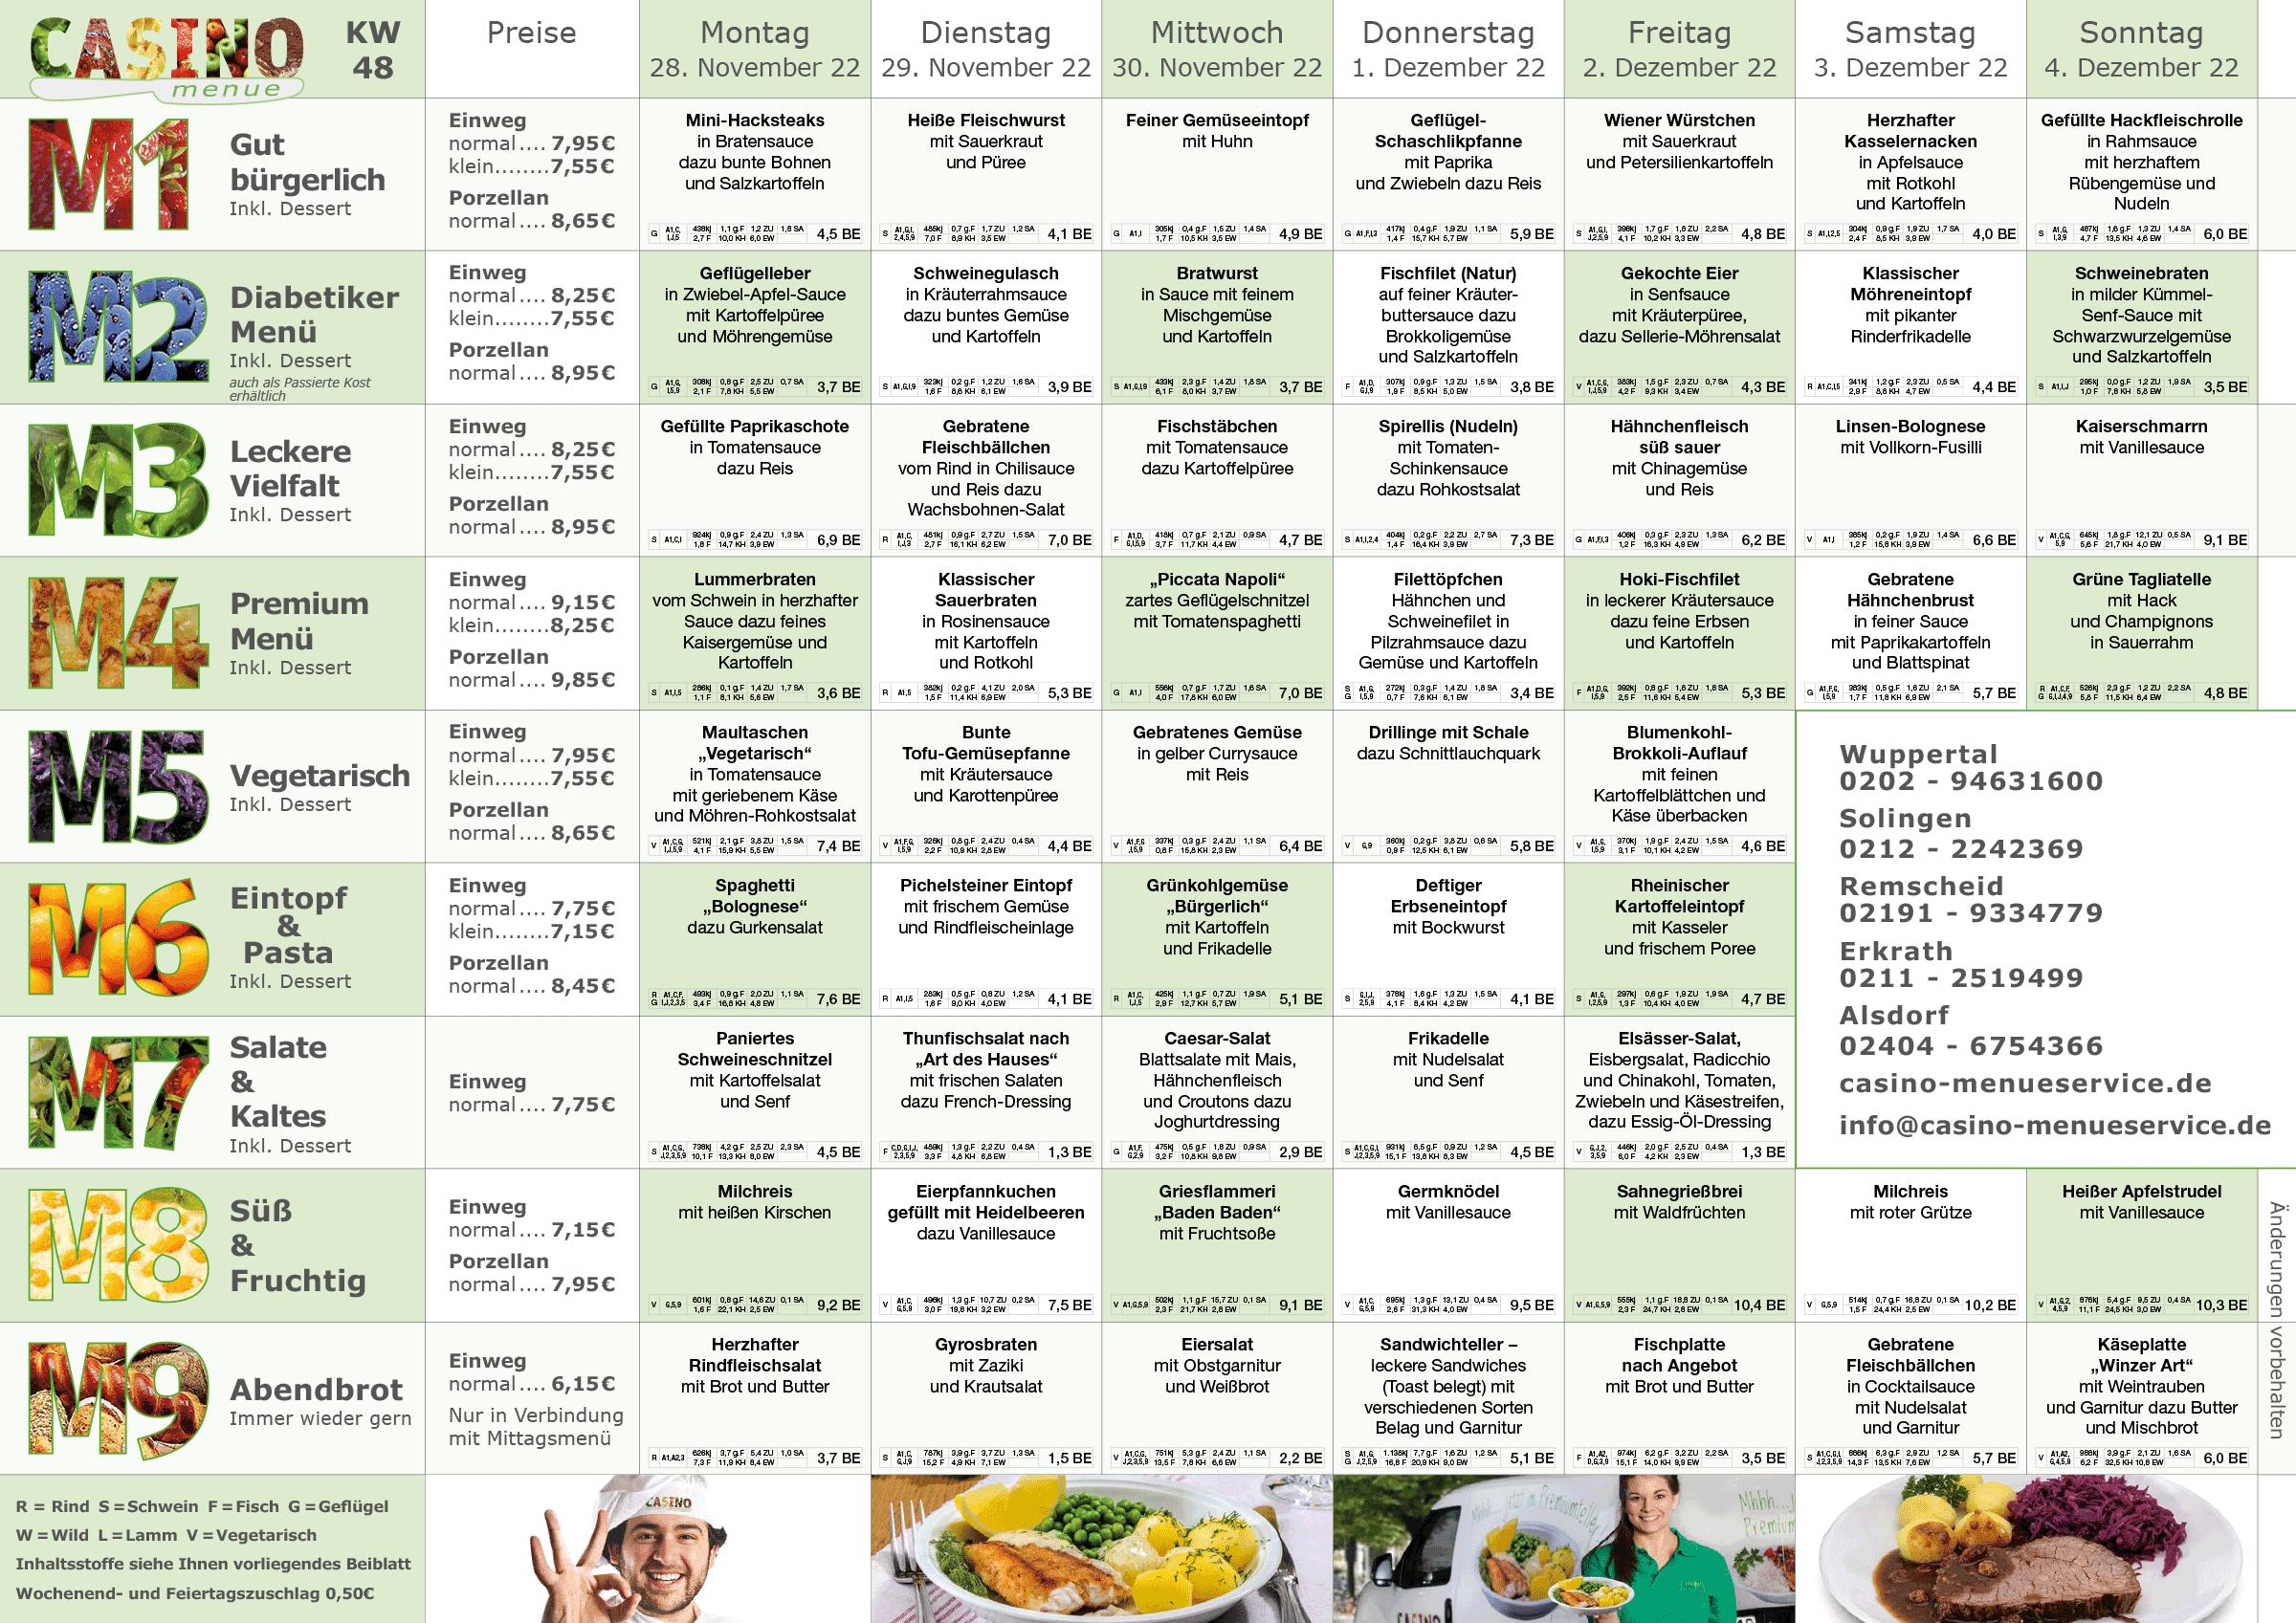 familien kw48 - Singles Essen auf Rädern